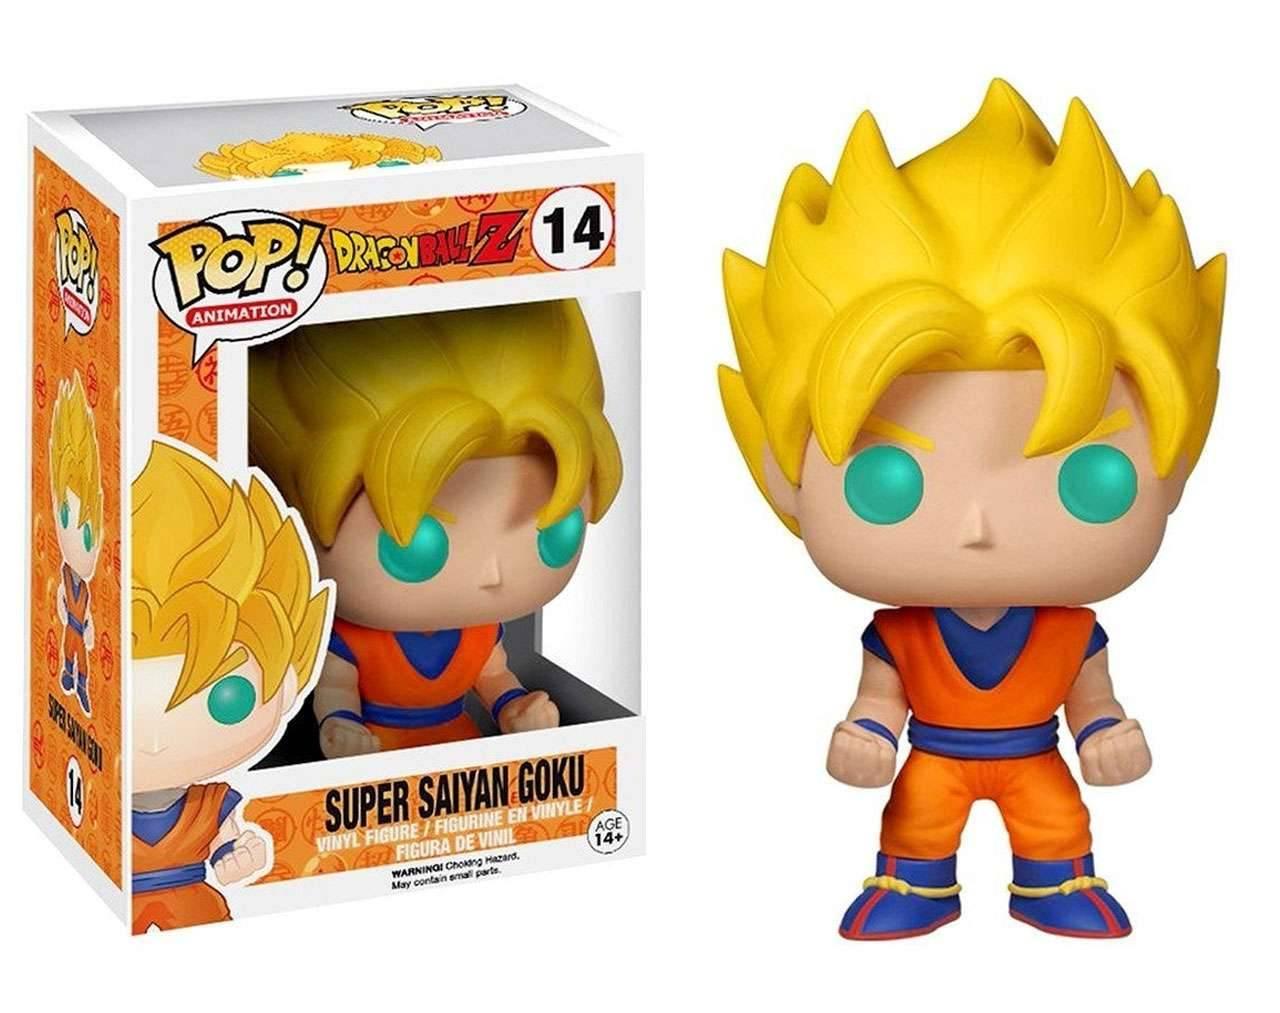 Super Saiyan Goku Pop! Vinyl